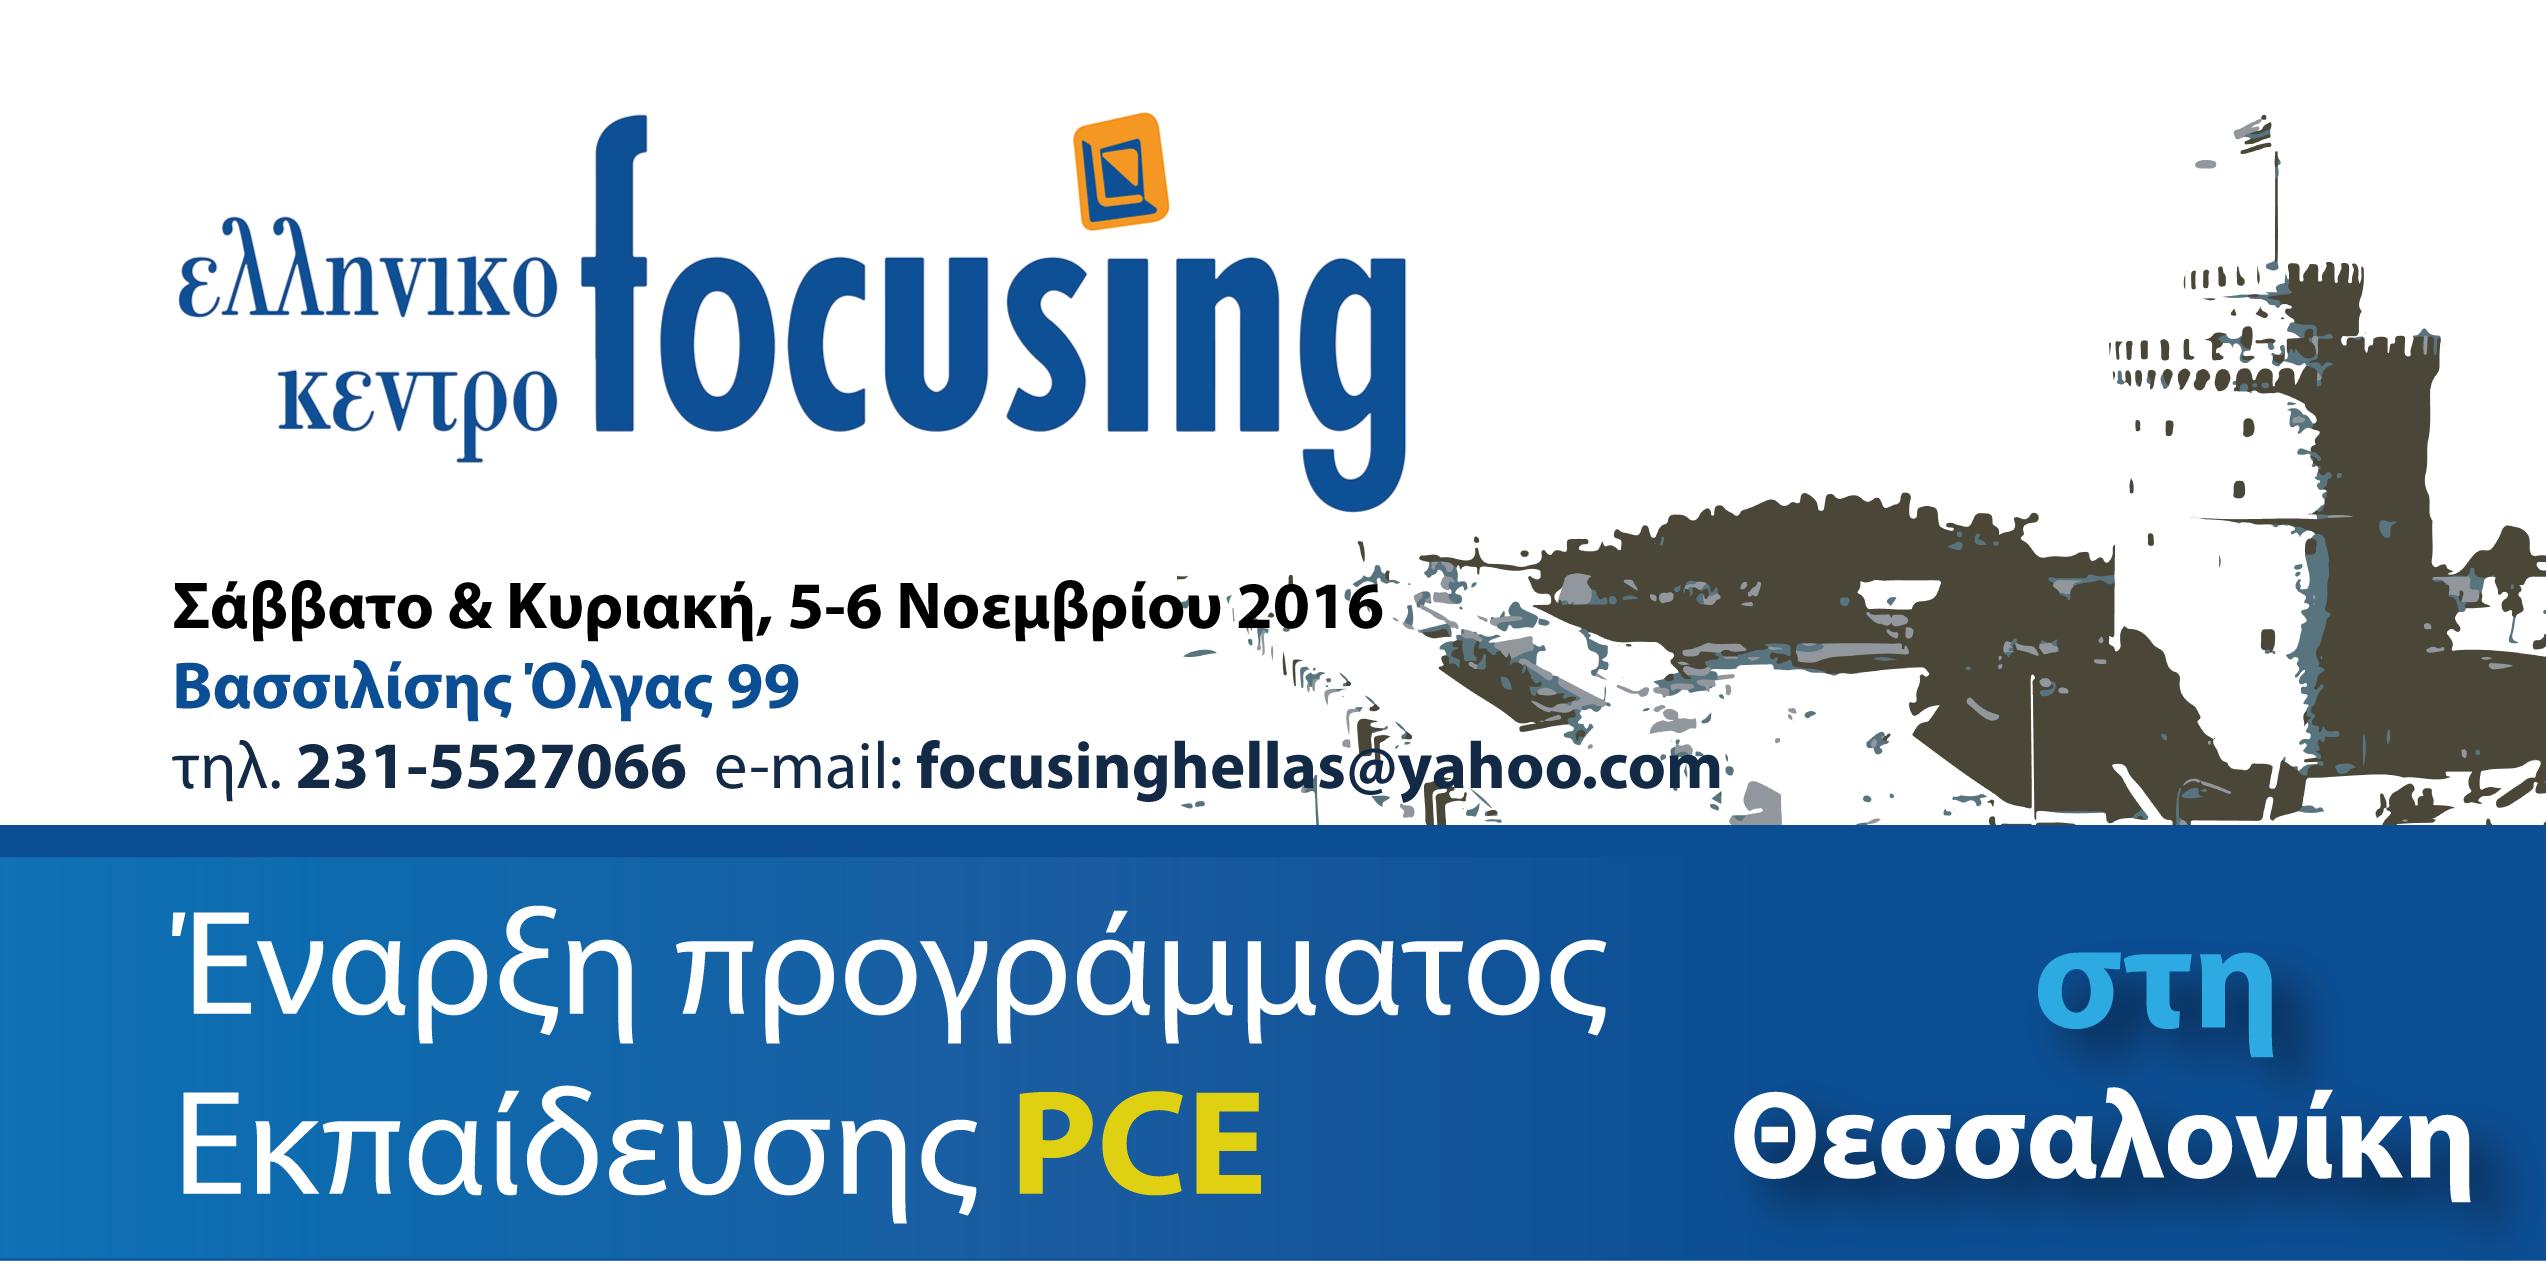 Έναρξη Εγγραφών – Θεσσαλονίκη – Εκπαιδευτικό Πρόγραμμα 2016-2017